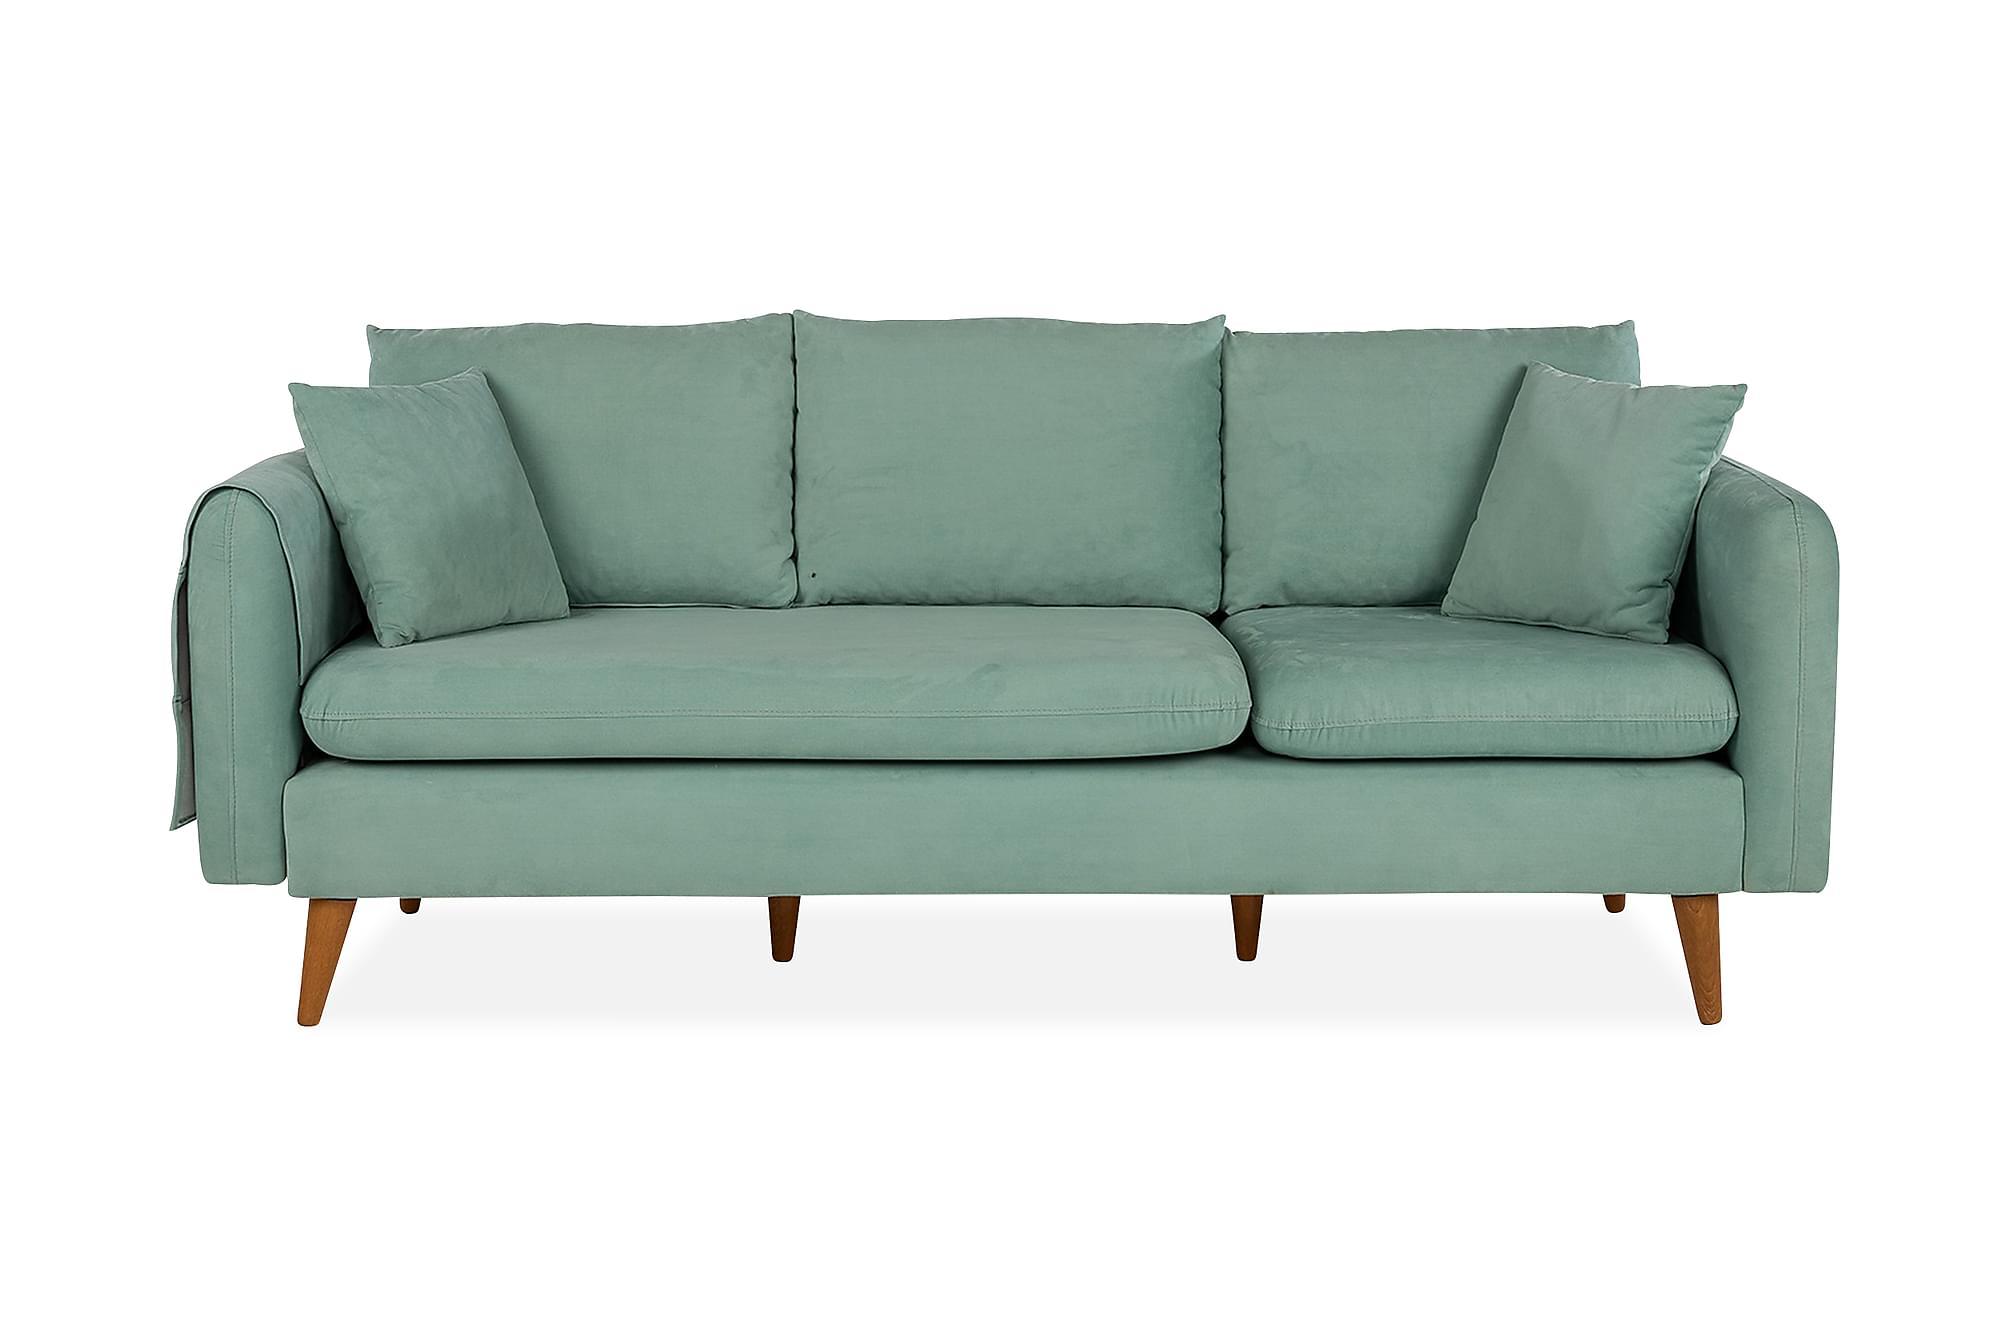 REECIE 3-sits Soffa Grön